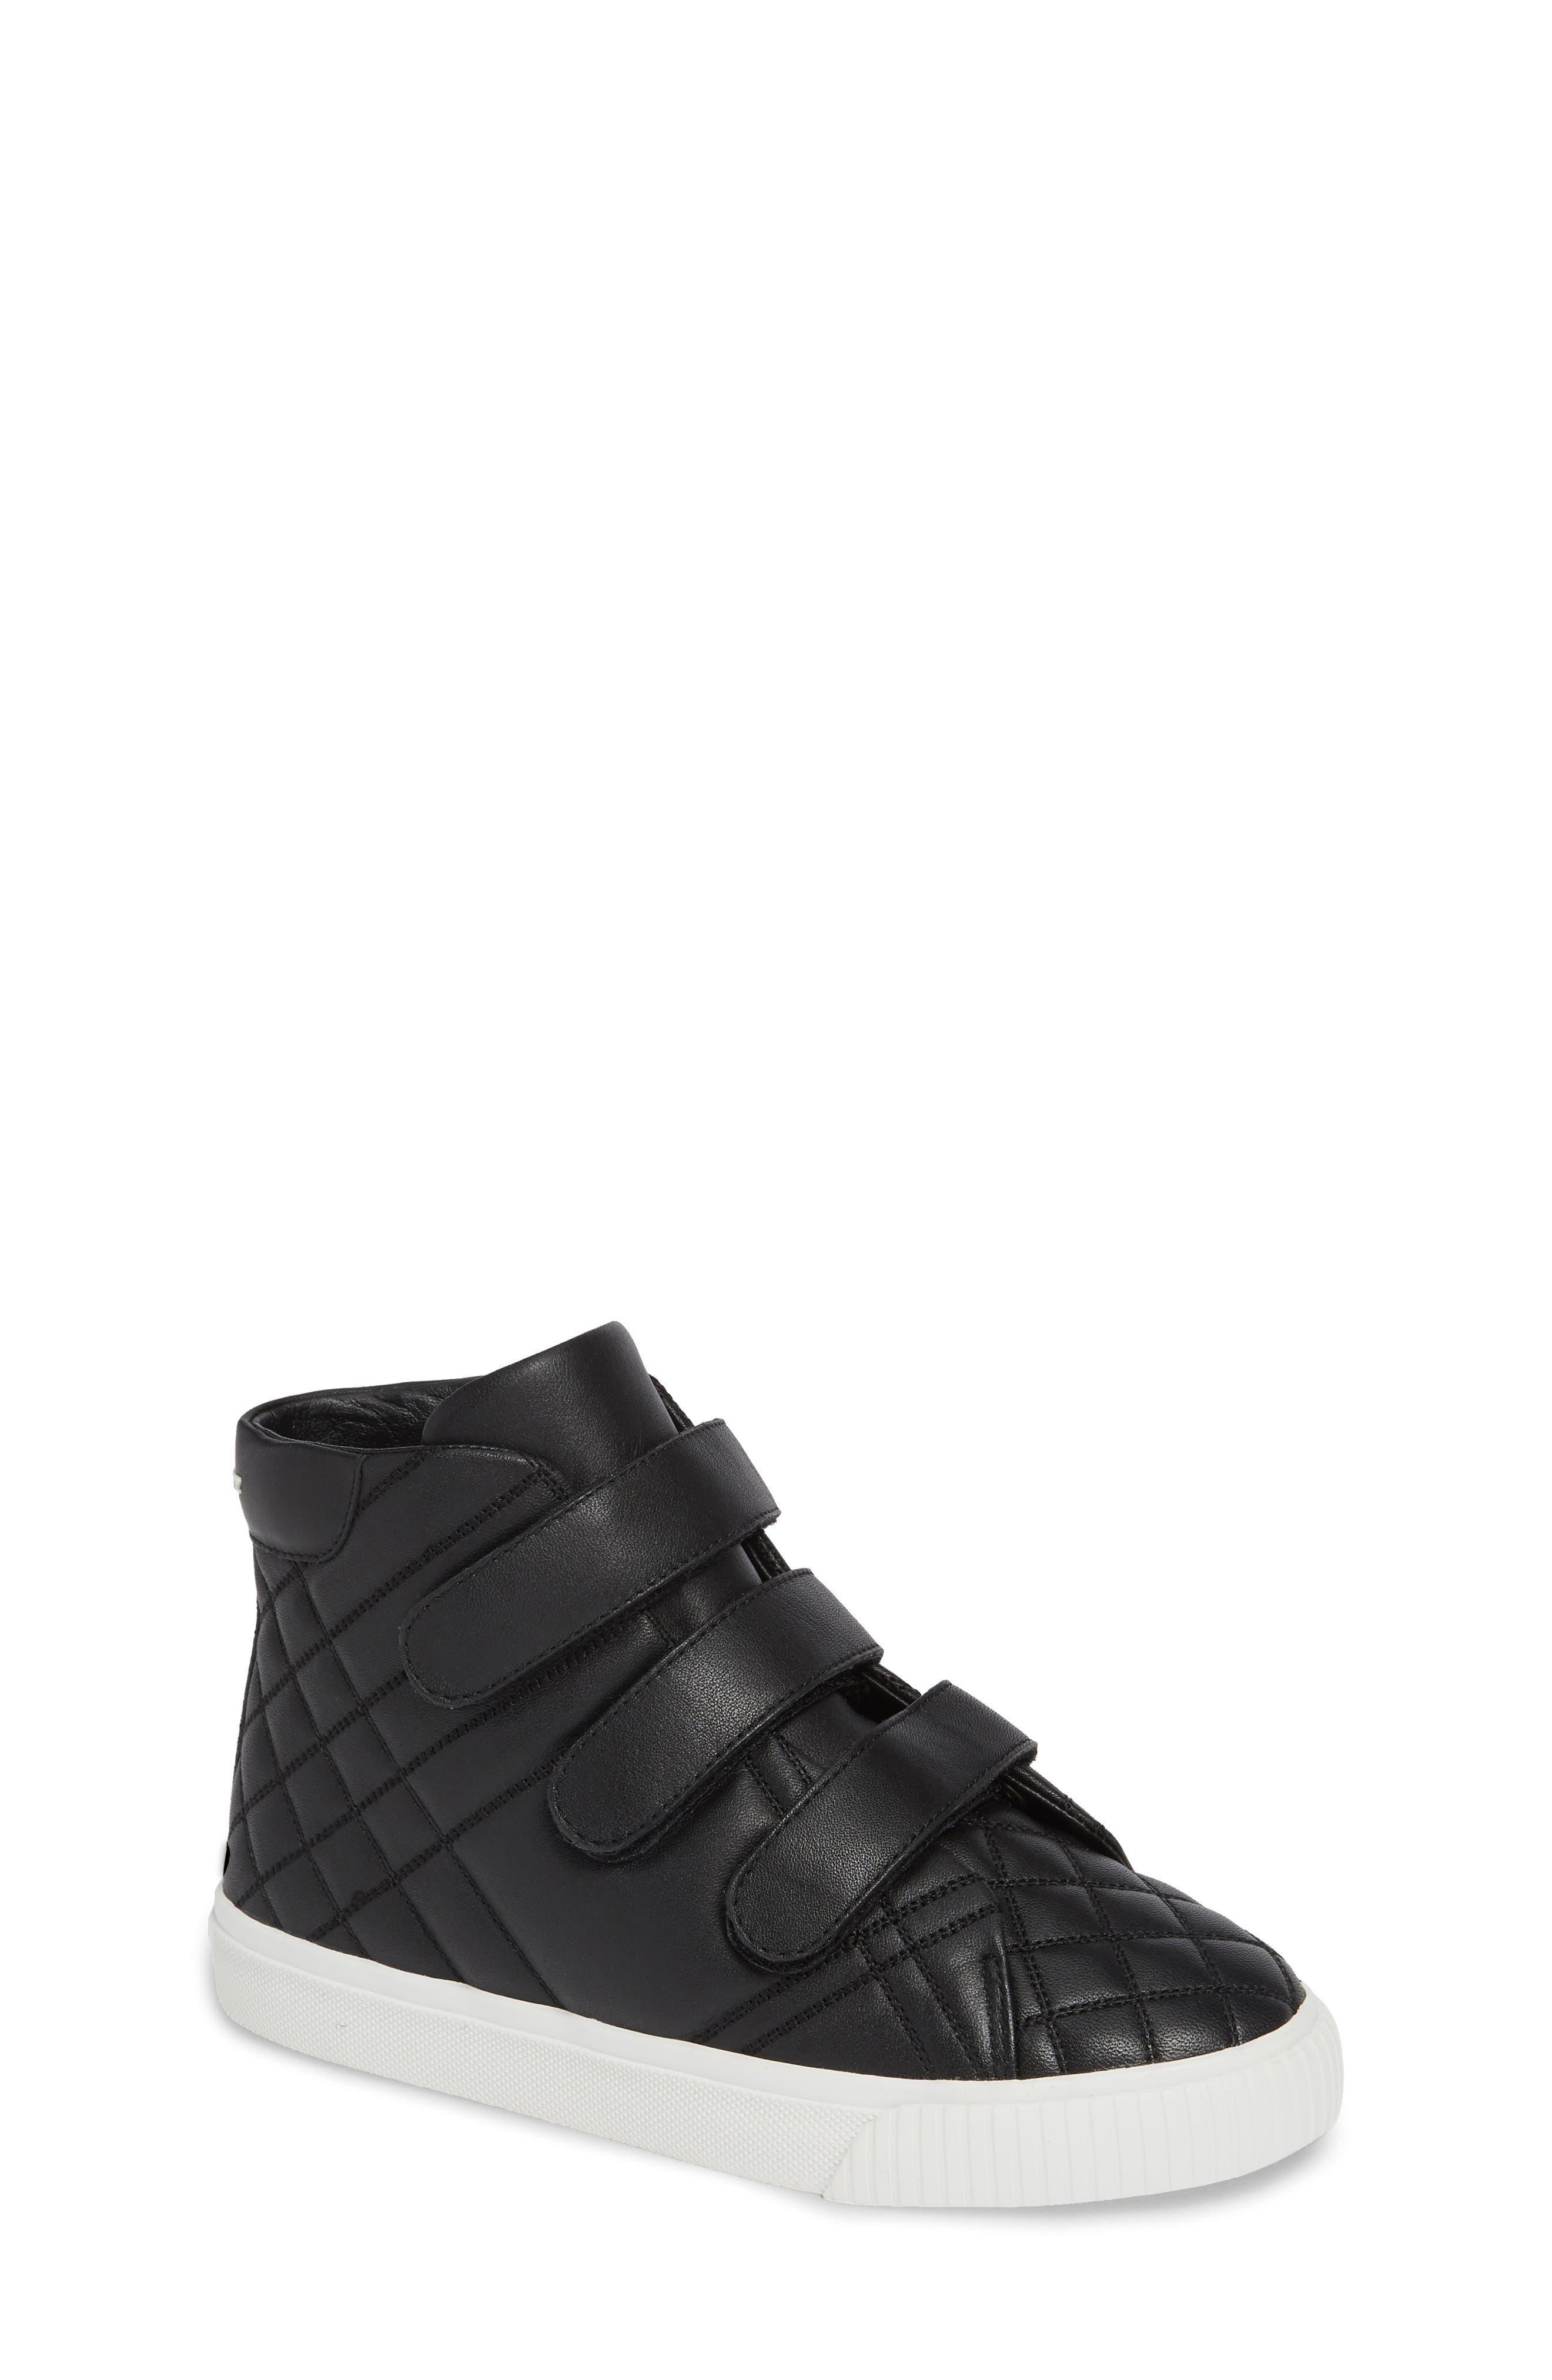 Sturrock Hi Top Sneaker,                             Main thumbnail 1, color,                             001